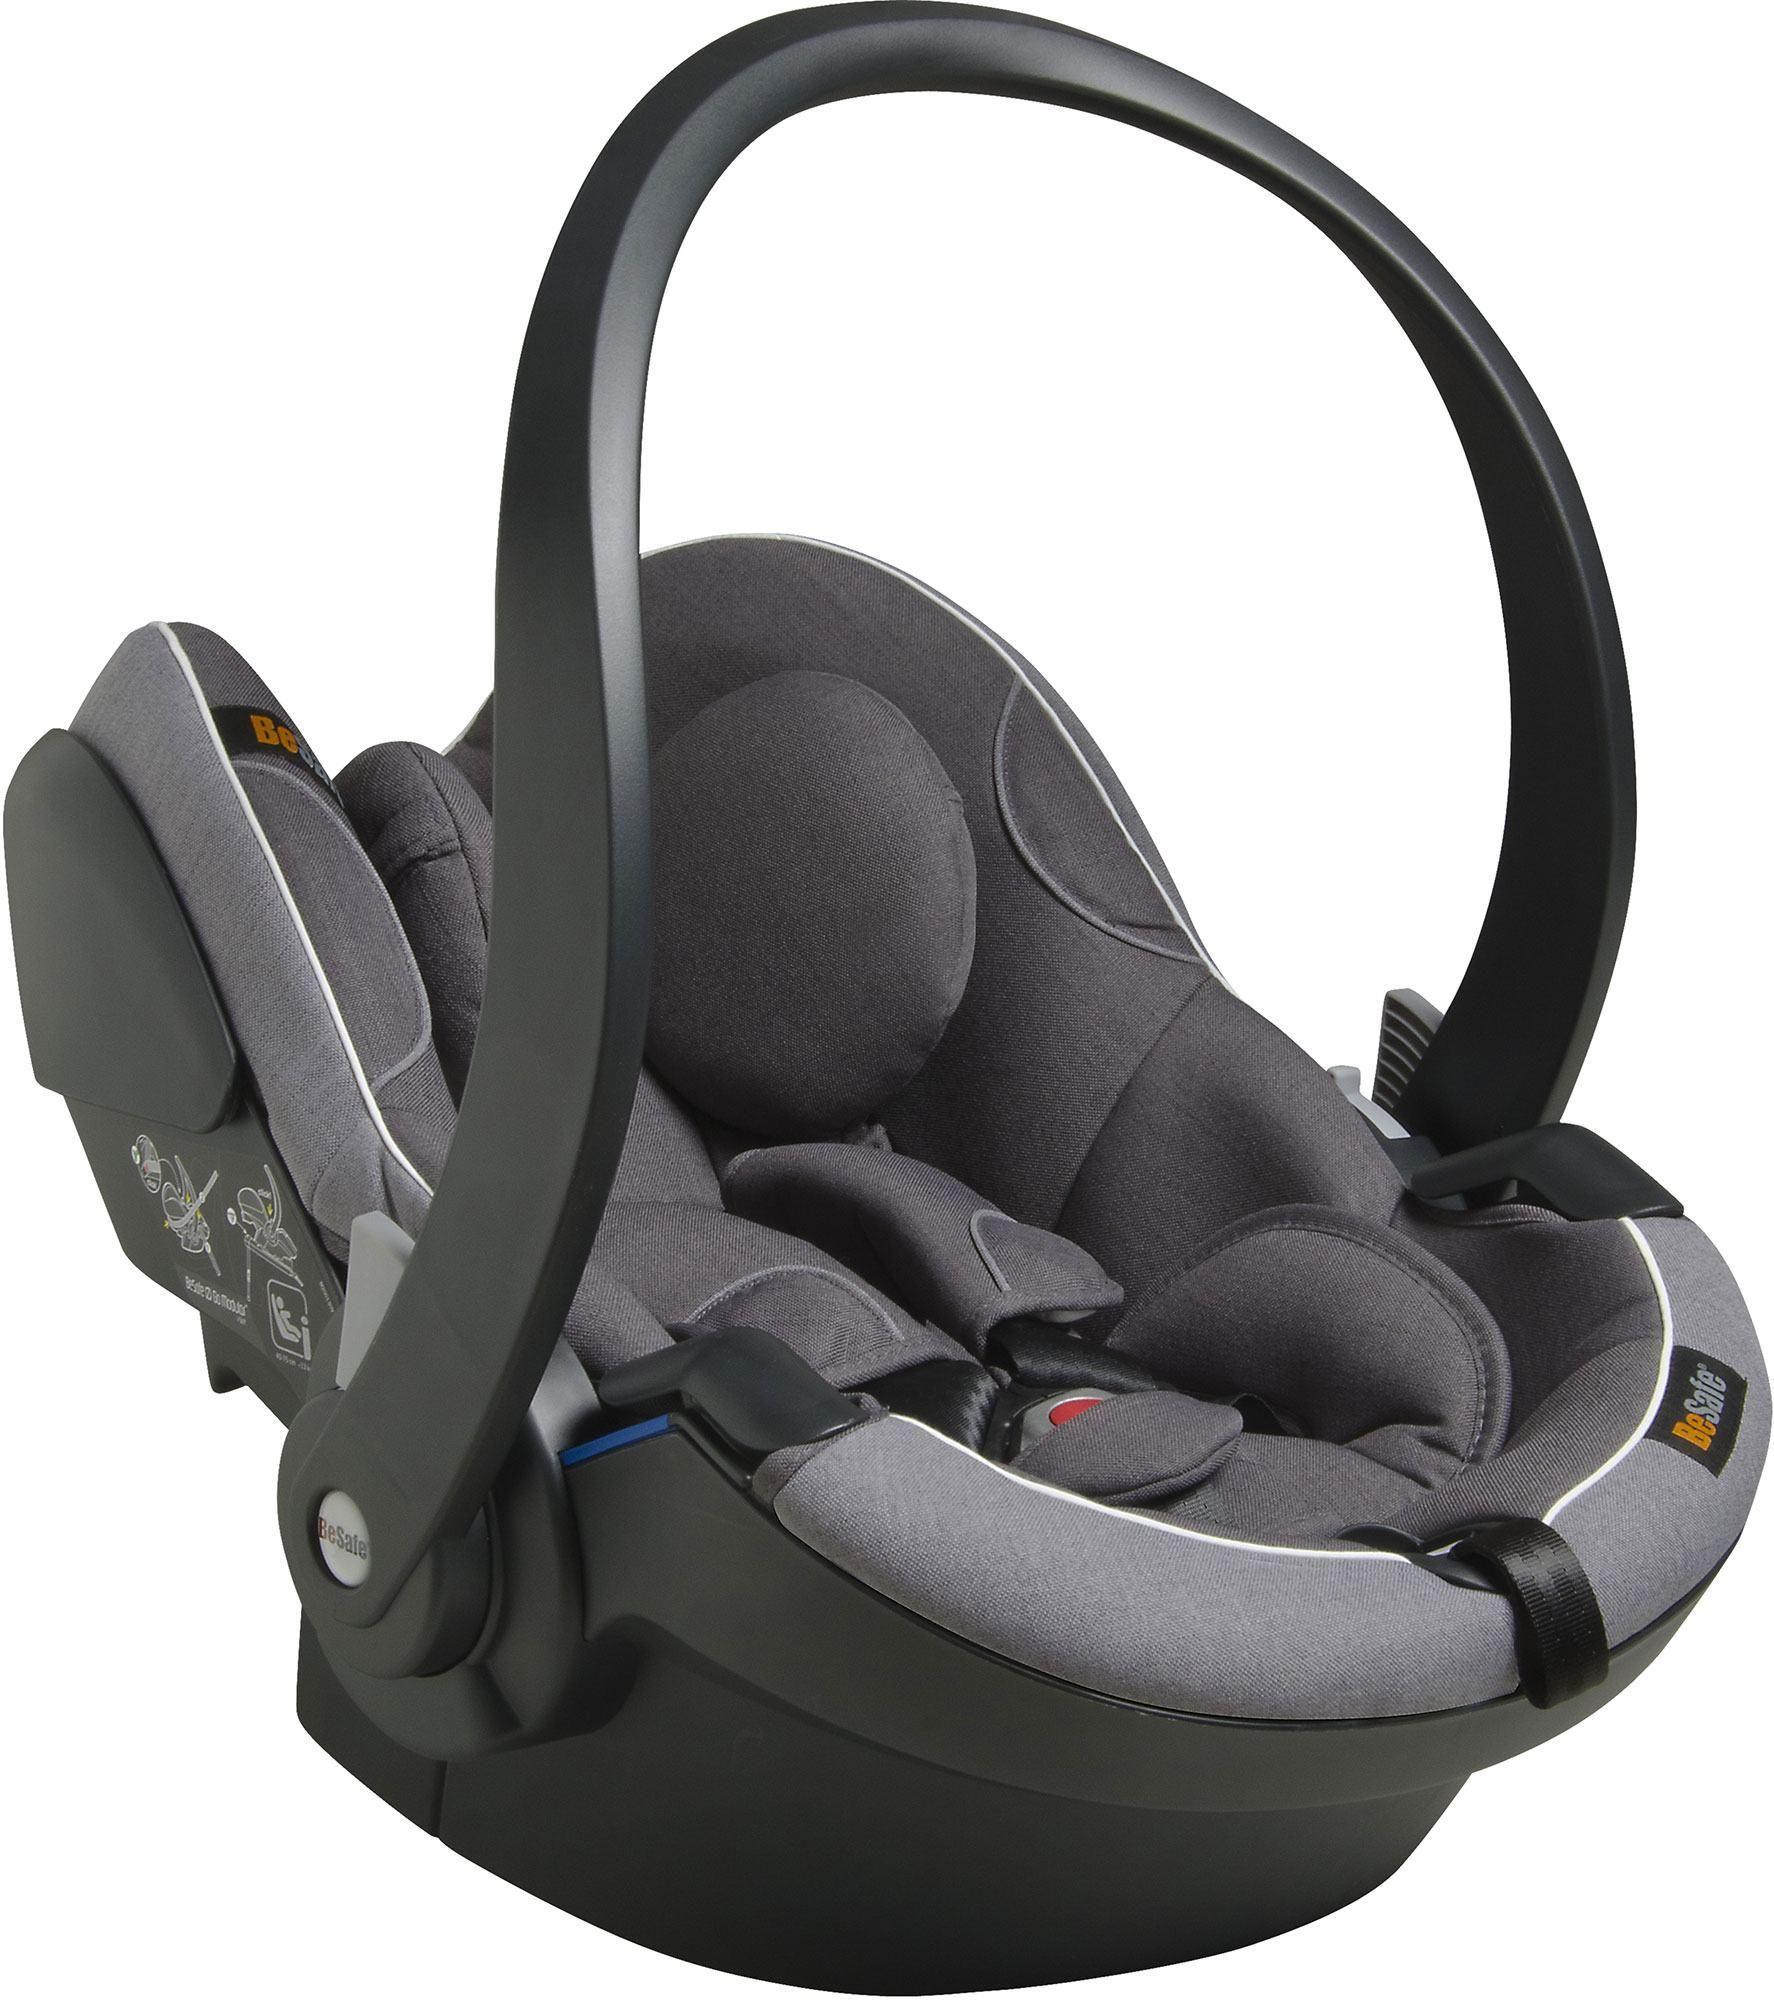 Besafe Izi Go Modular I Size Car Seat Metallic Melange In 2020 Car Seats Baby Car Seats Cool Things To Buy